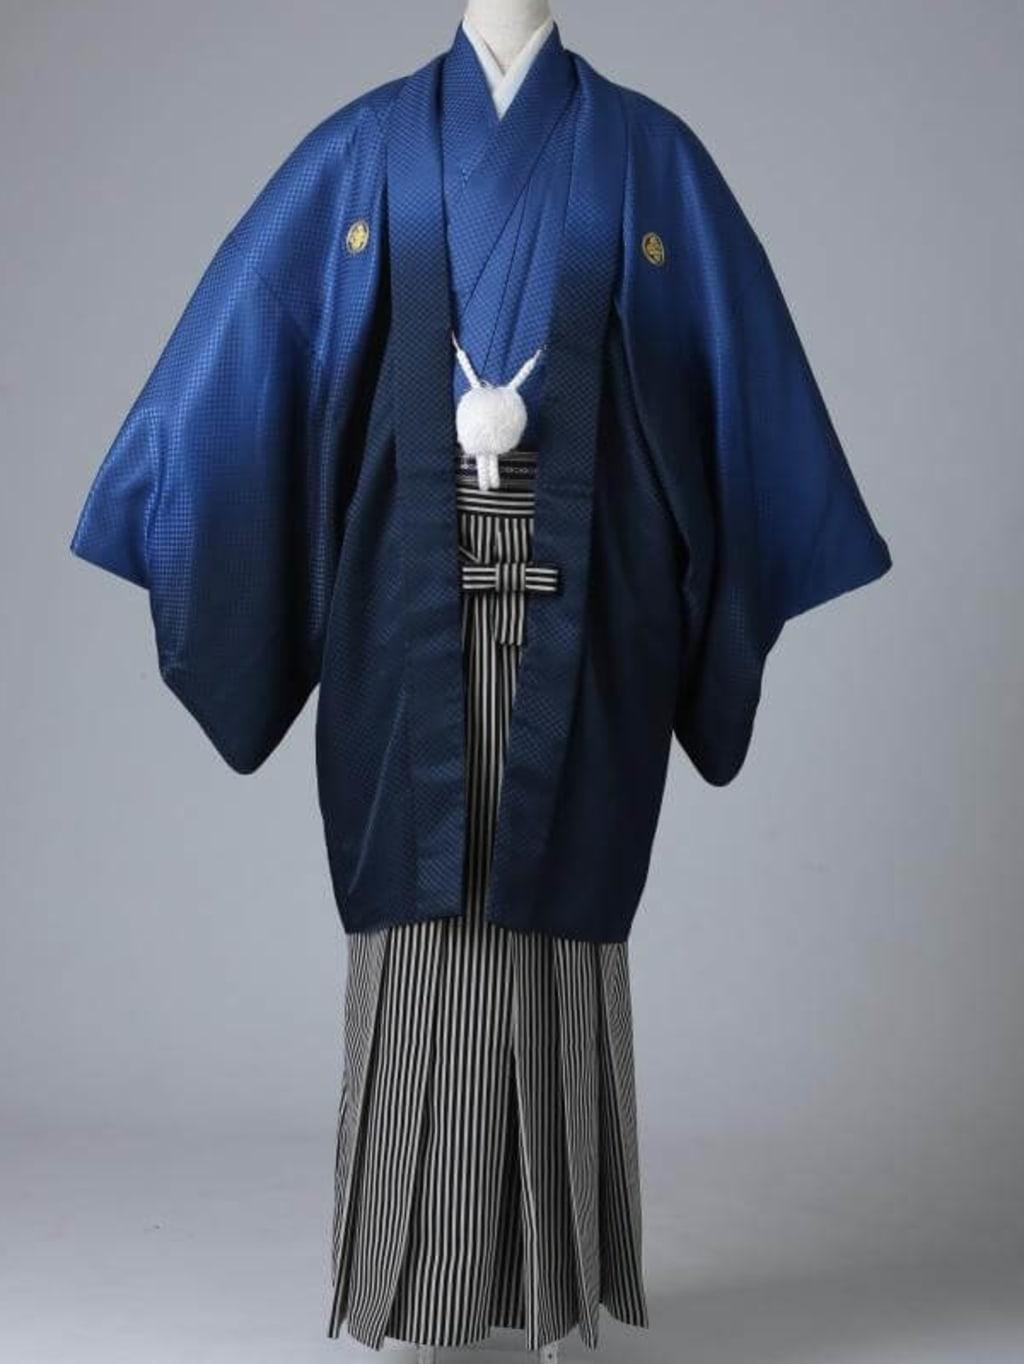 ネイビーグラデーション紋服 仙台平袴_横浜店